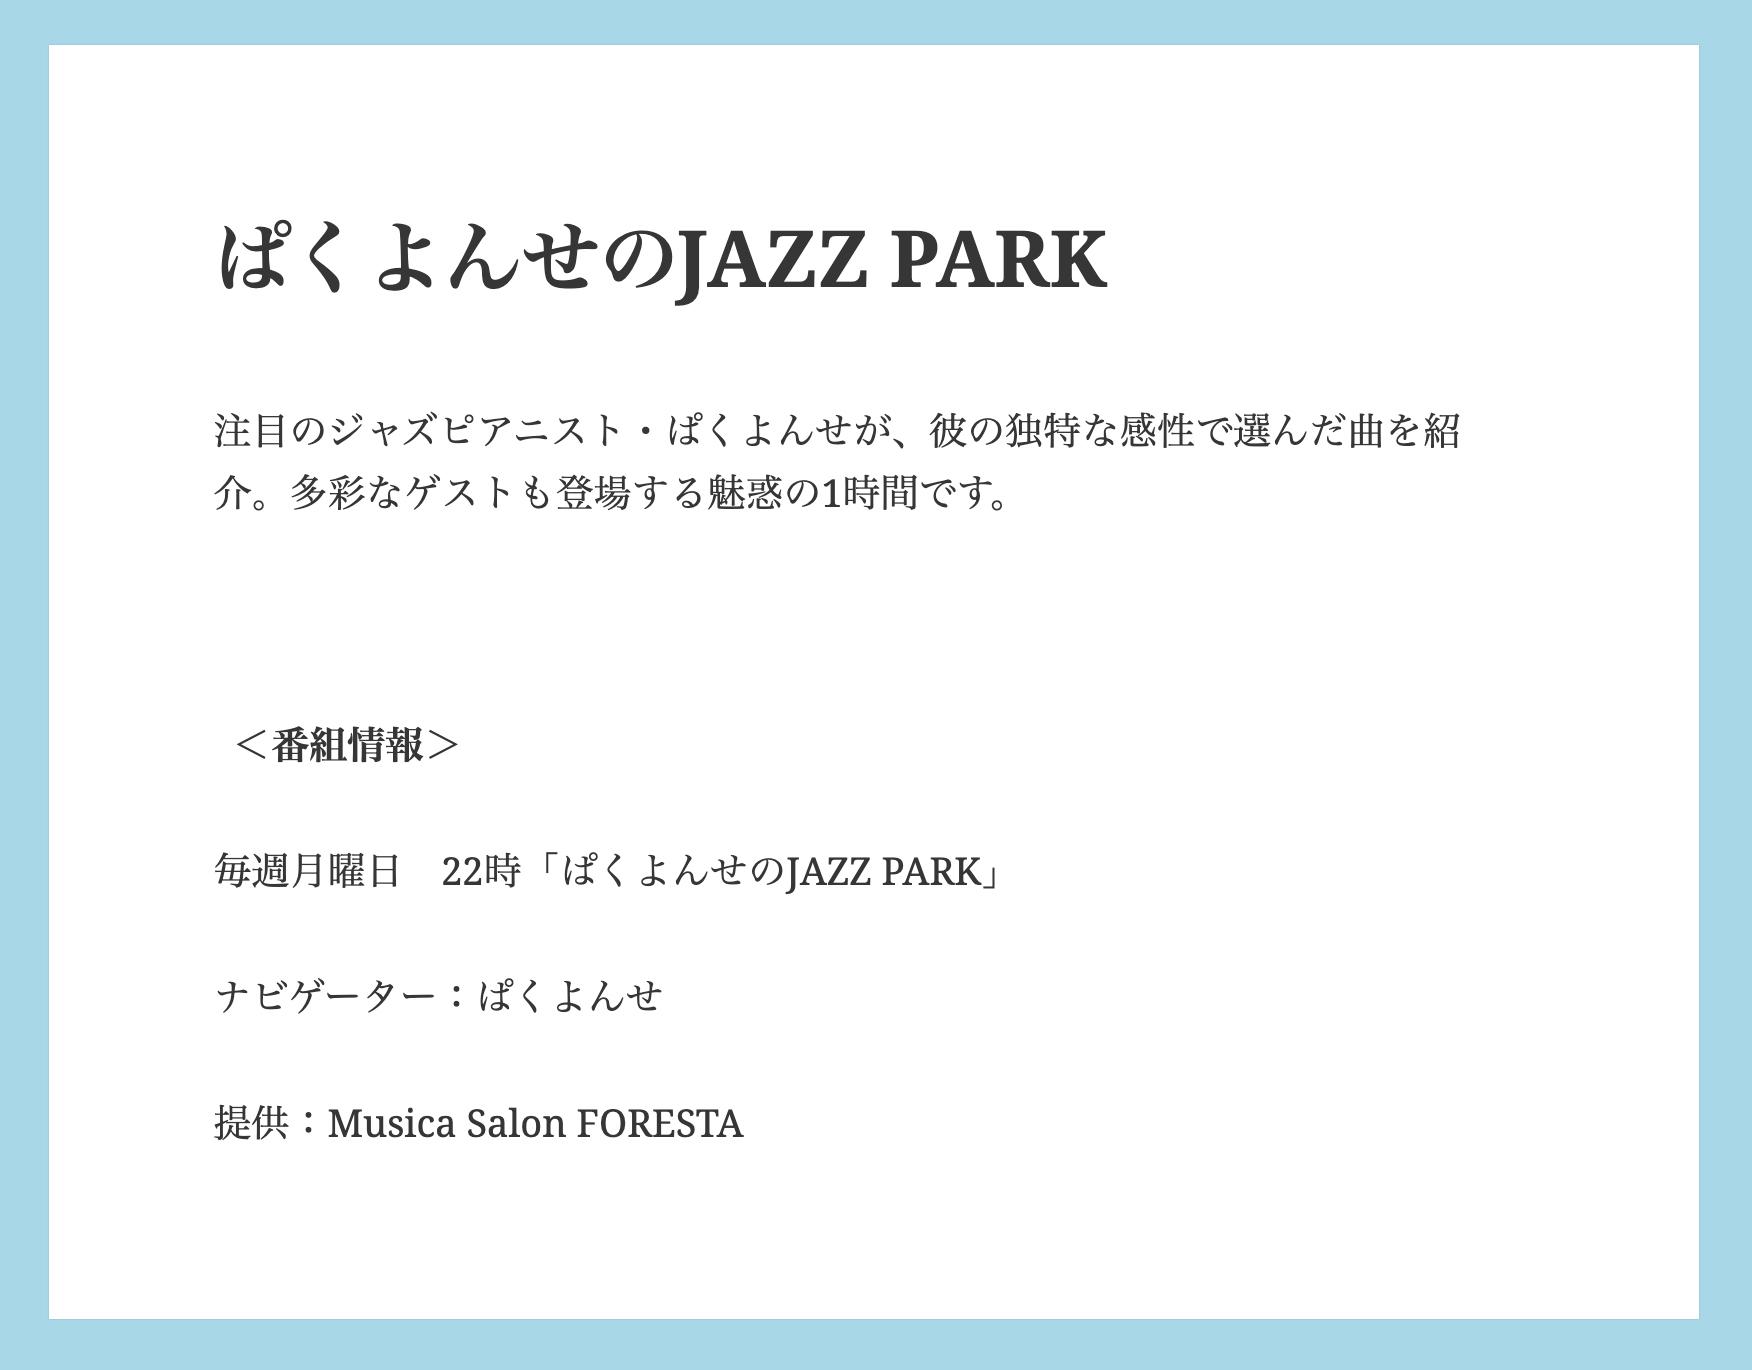 1月11日(月祝) 夜10:00 ぱくよんせさんのラジオ番組に出演します!